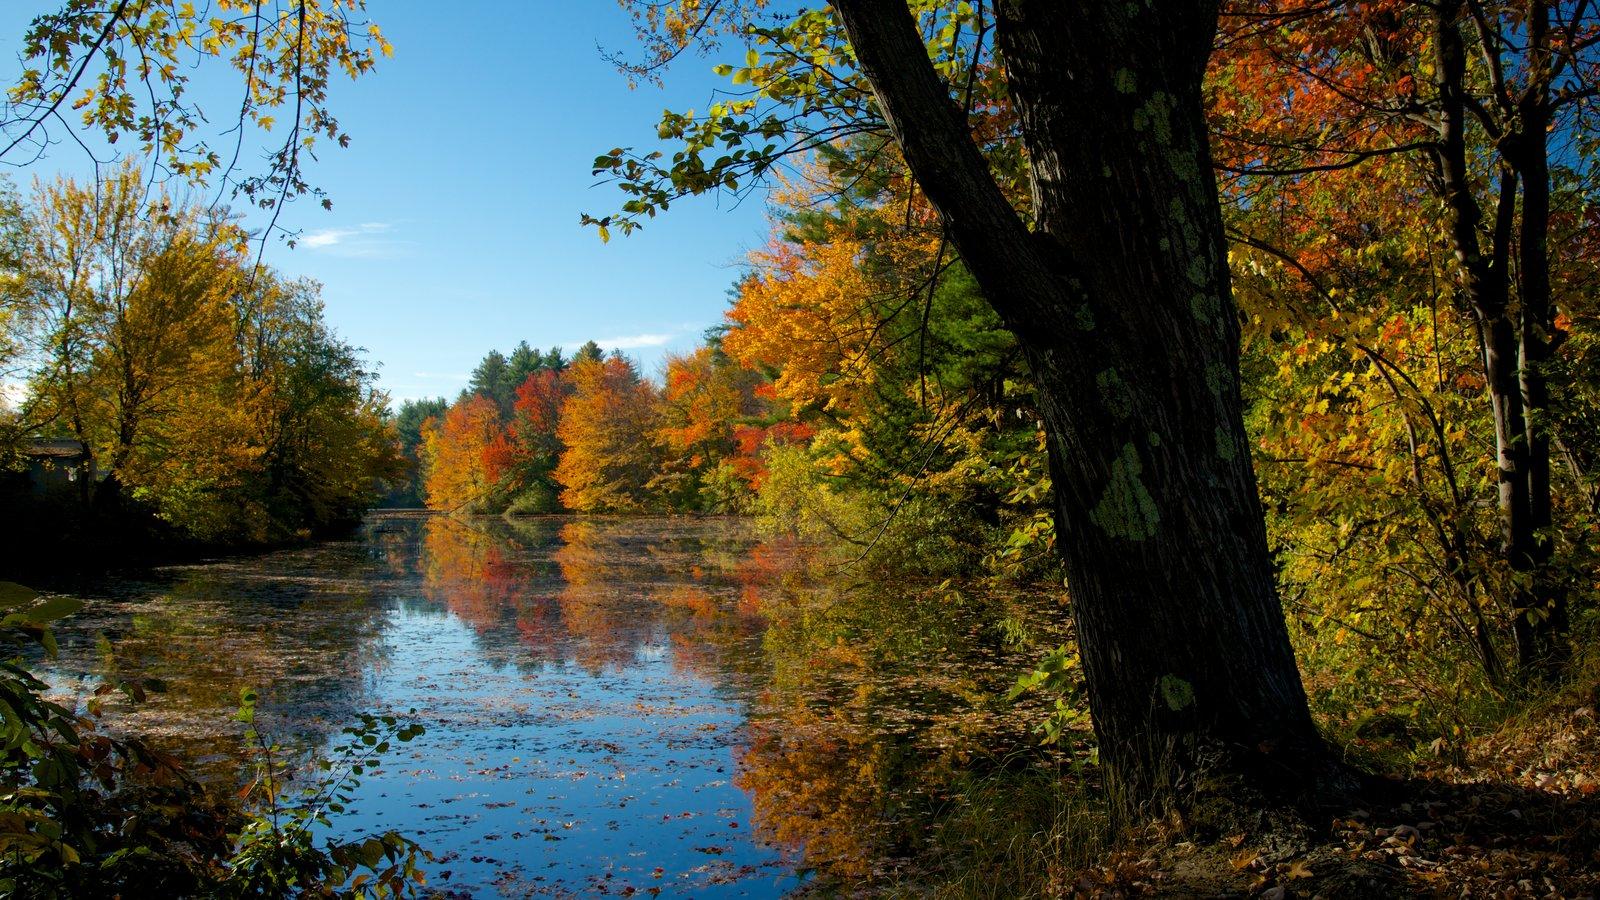 Conway mostrando cores do outono, um parque e um rio ou córrego